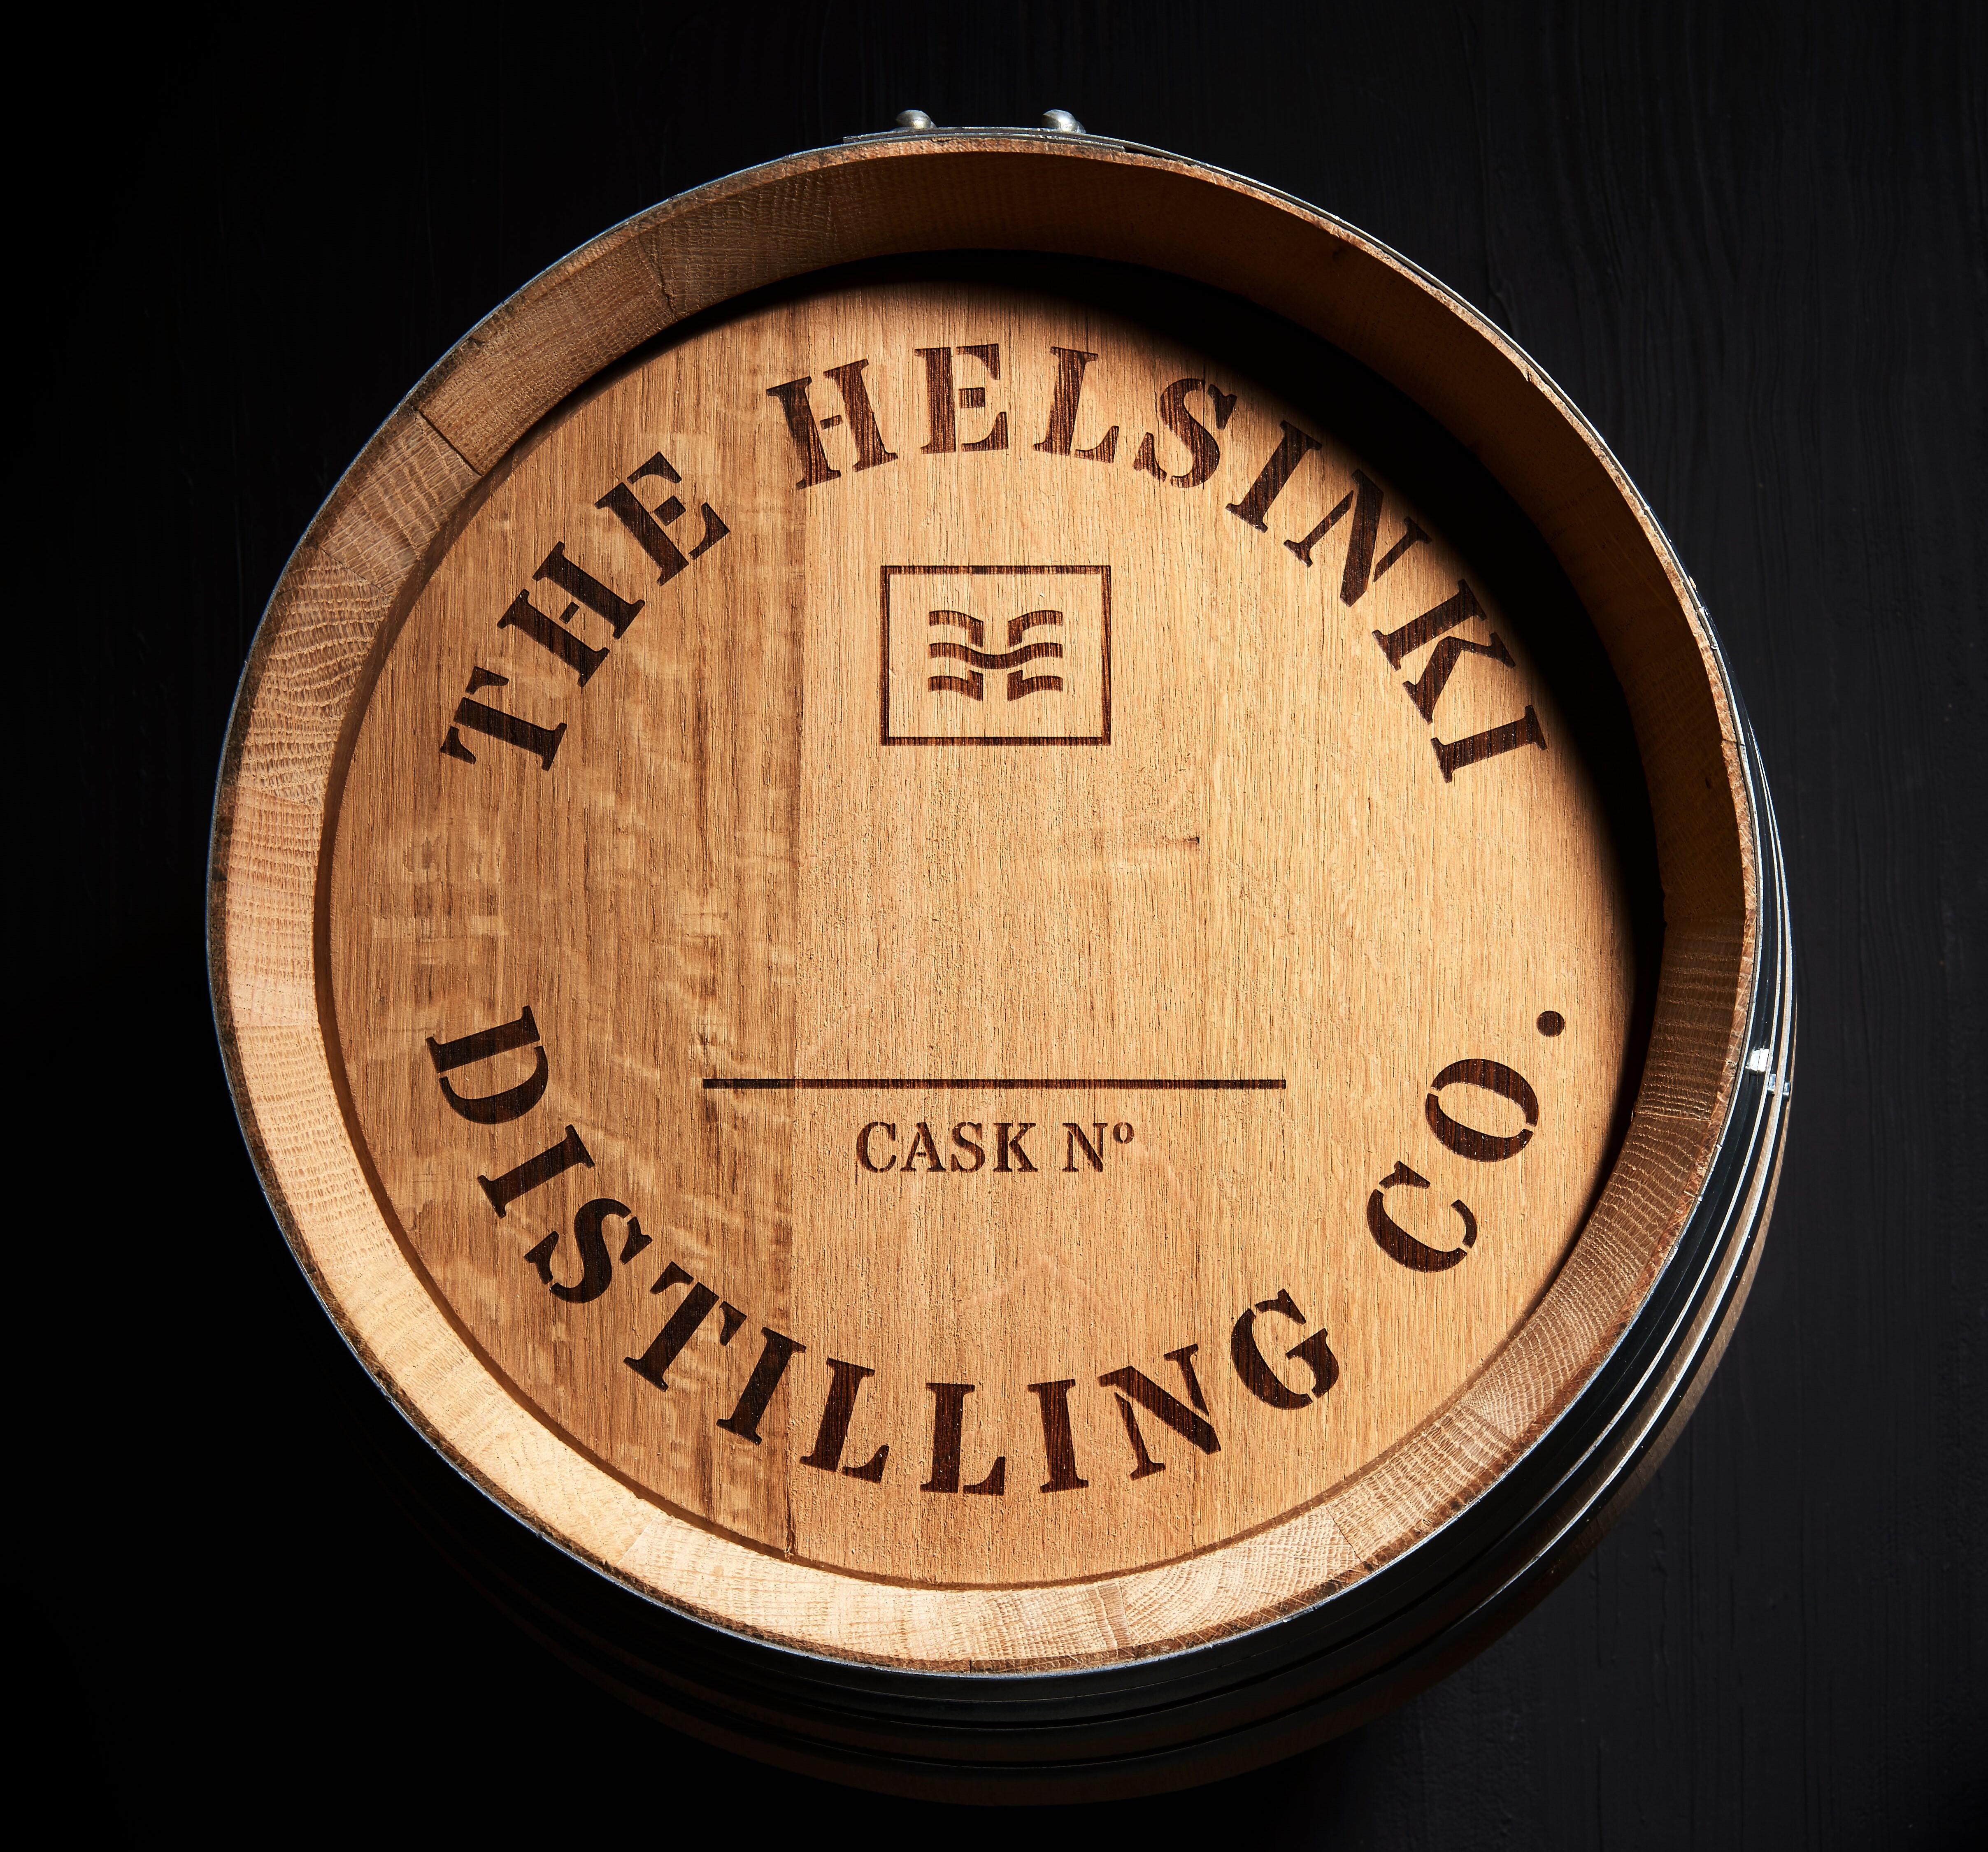 Helsinki Distilling Company has opened the Italian market